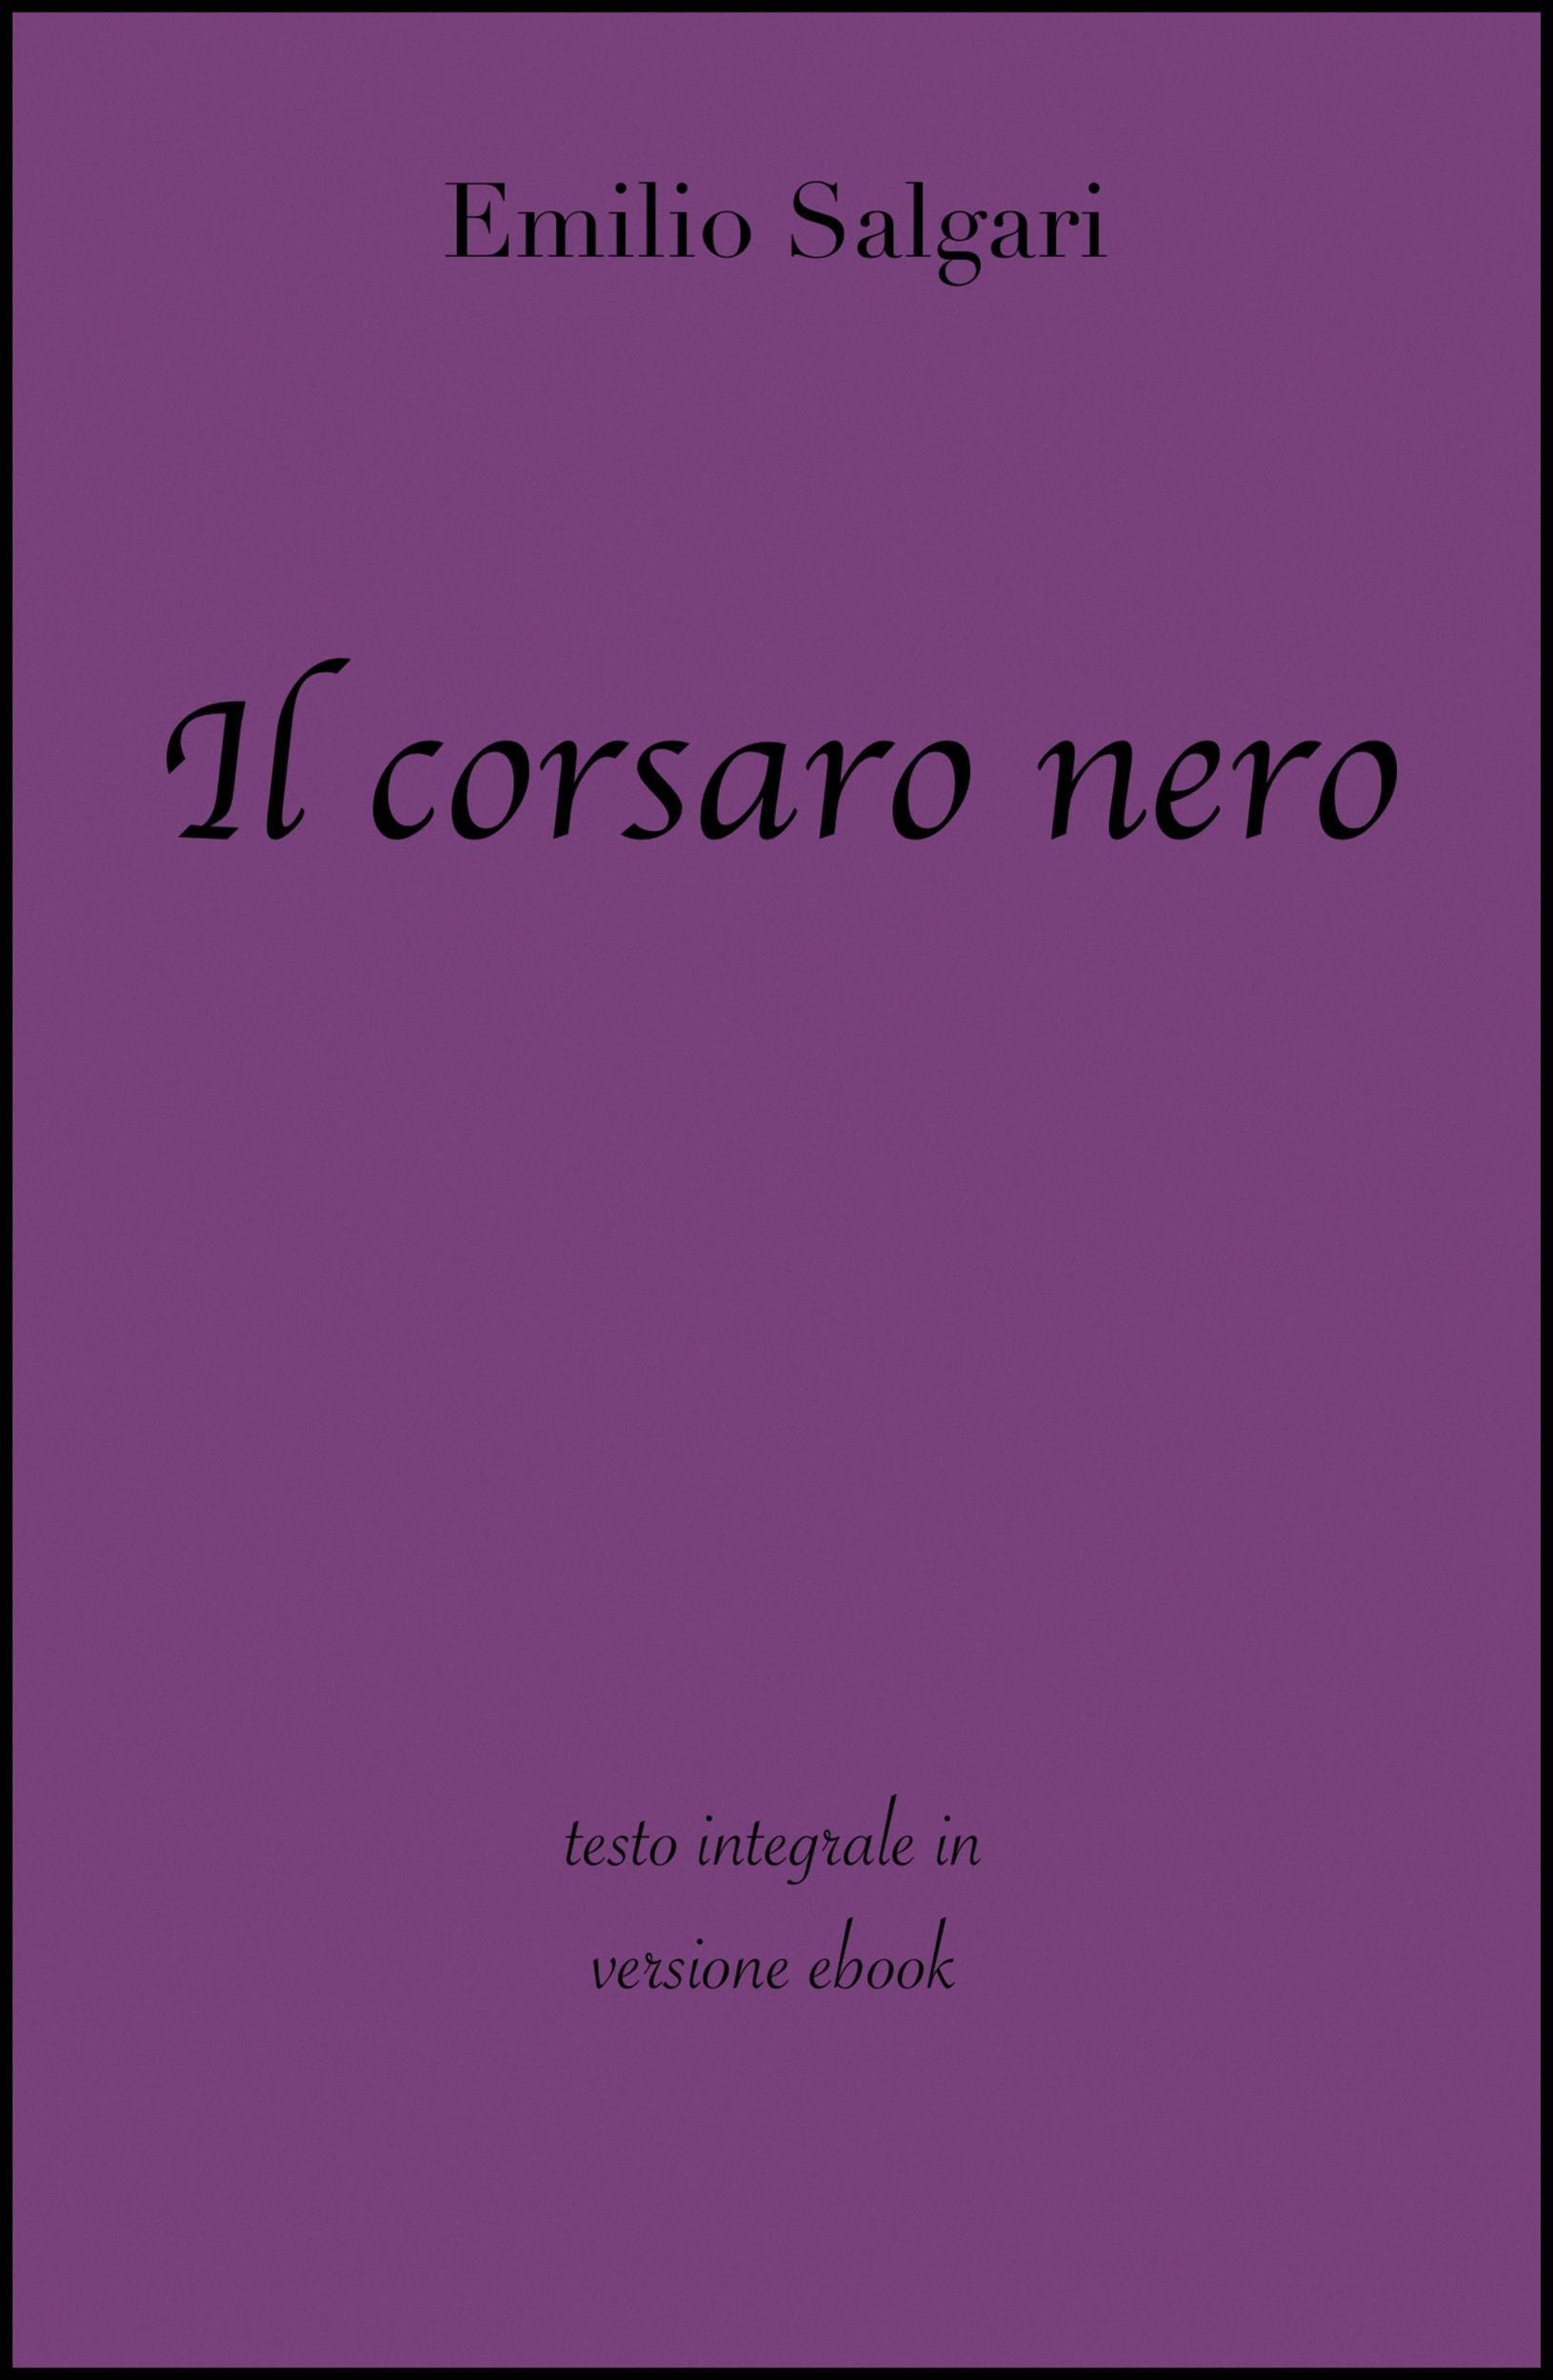 Il corsaro nero di Emilio Salgari in ebook (Grandi Classici) (Italian Edition)